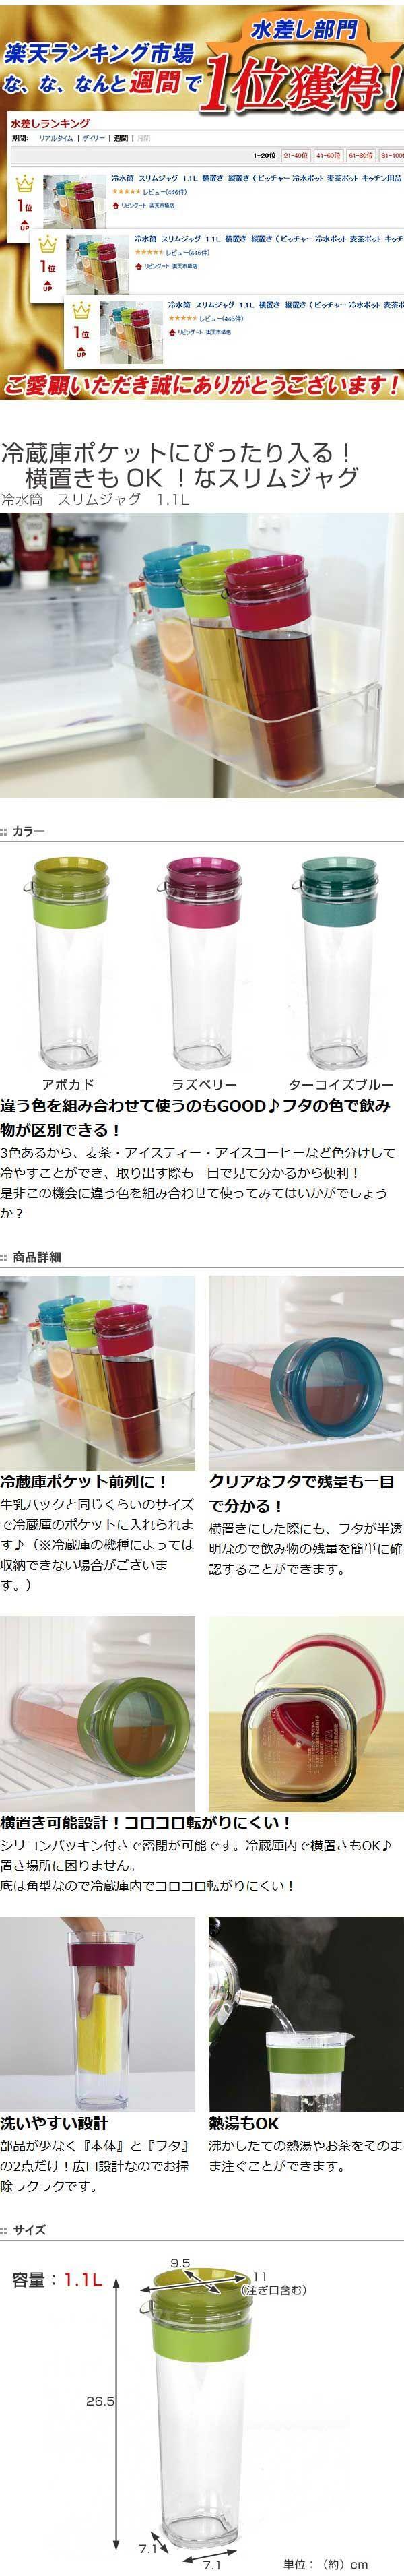 【ポイント最大30倍】。冷水筒 スリムジャグ 1.1L 横置き 縦置き ( ピッチャー 冷水ポット 麦茶ポット キッチン用品 水差し 耐熱 1リットル )